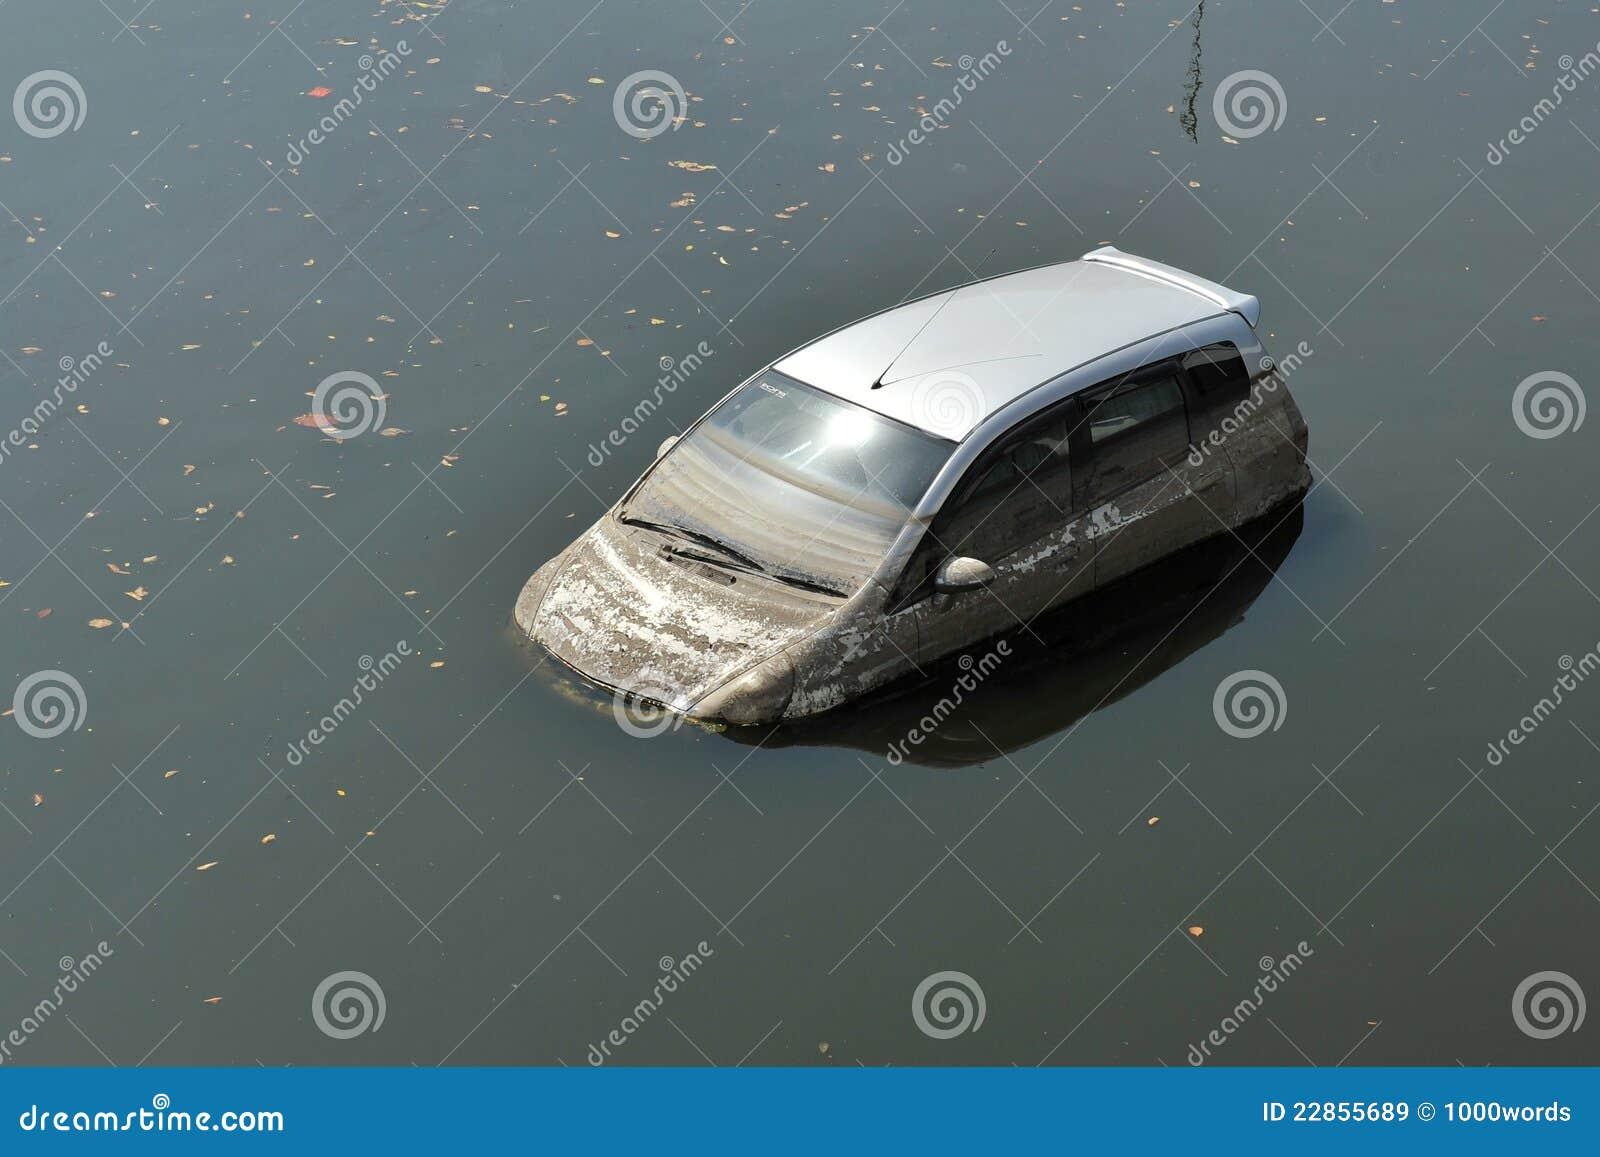 Crashed Car Editorial Image Cartoondealer Com 50605184